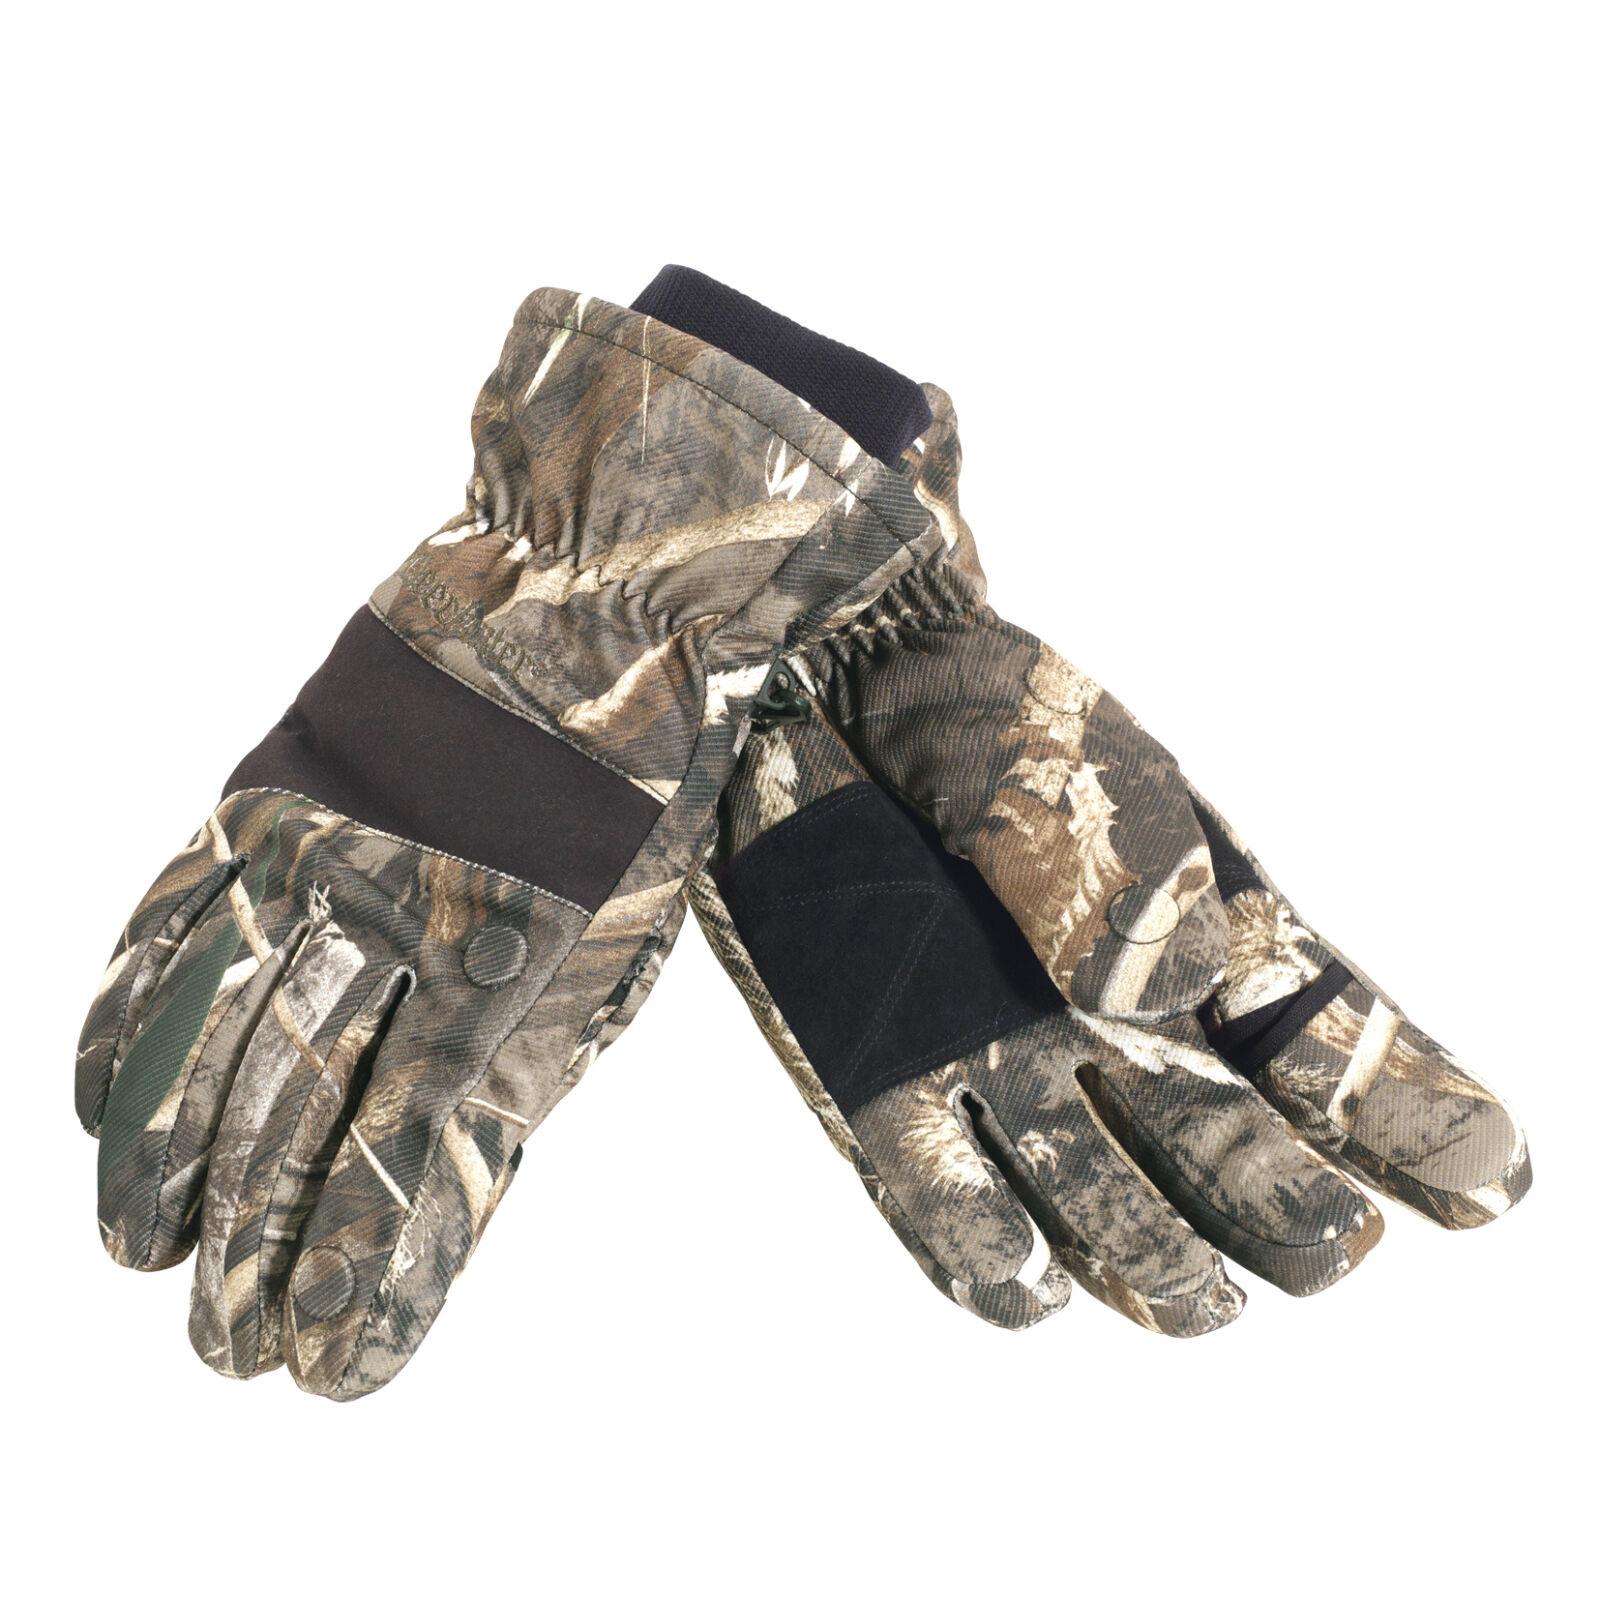 Deerhunter 8819 muflon invierno guantes thinsulate 95-max 5 Realtree camo m-2xl